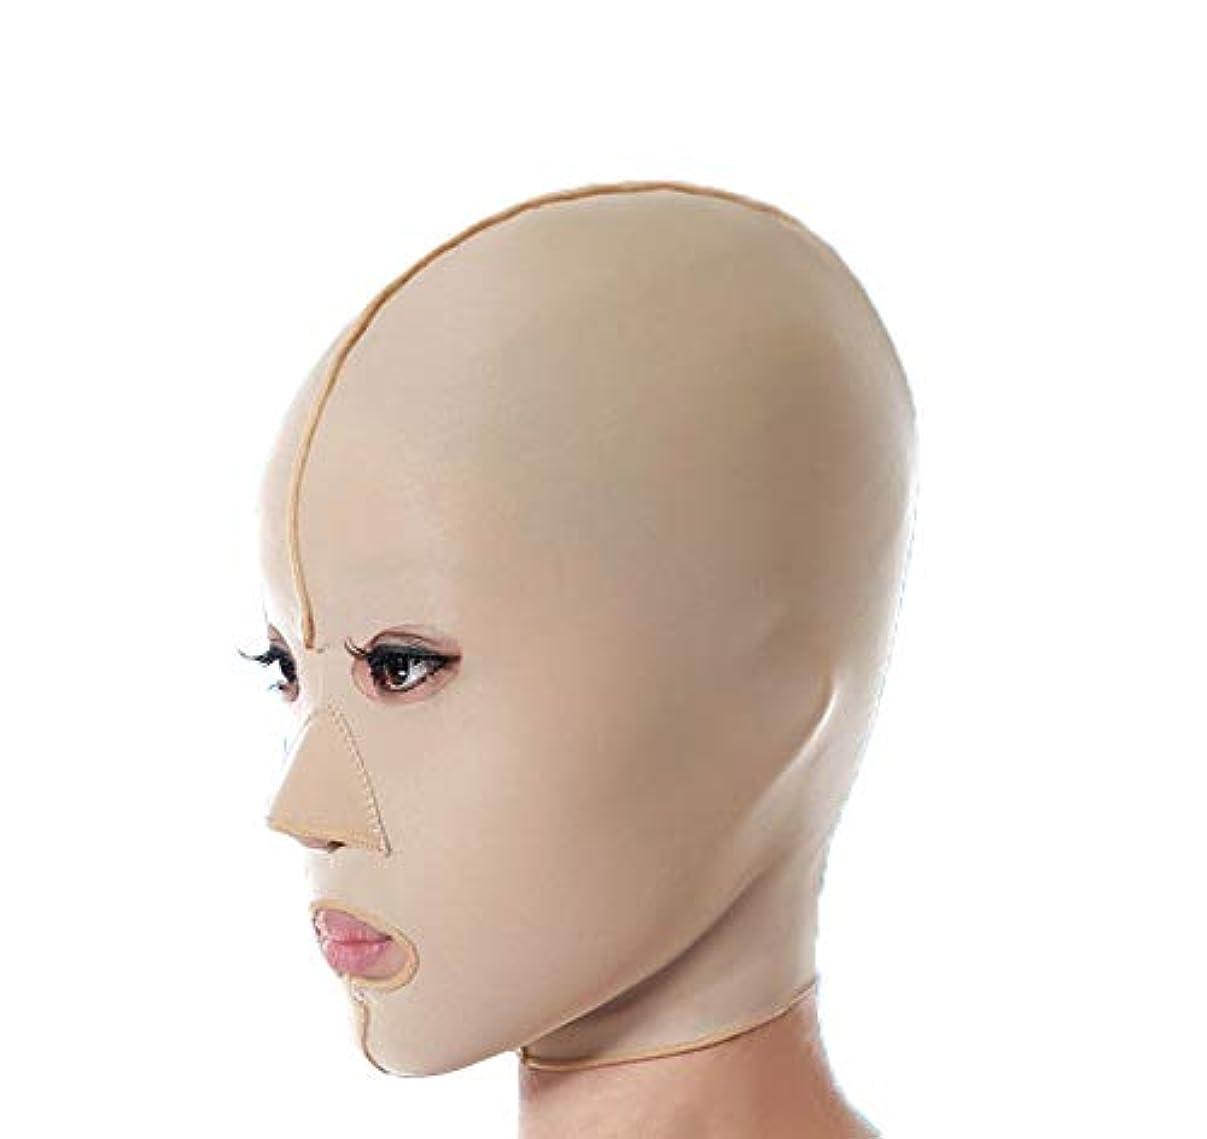 好戦的な学校教育専門用語GLJJQMY 引き締めマスクマスク漢方薬強力なマスクアーティファクト美容垂れ防止方法フェイシャルリフティング引き締めフルフェイスマスク 顔用整形マスク (Size : S)